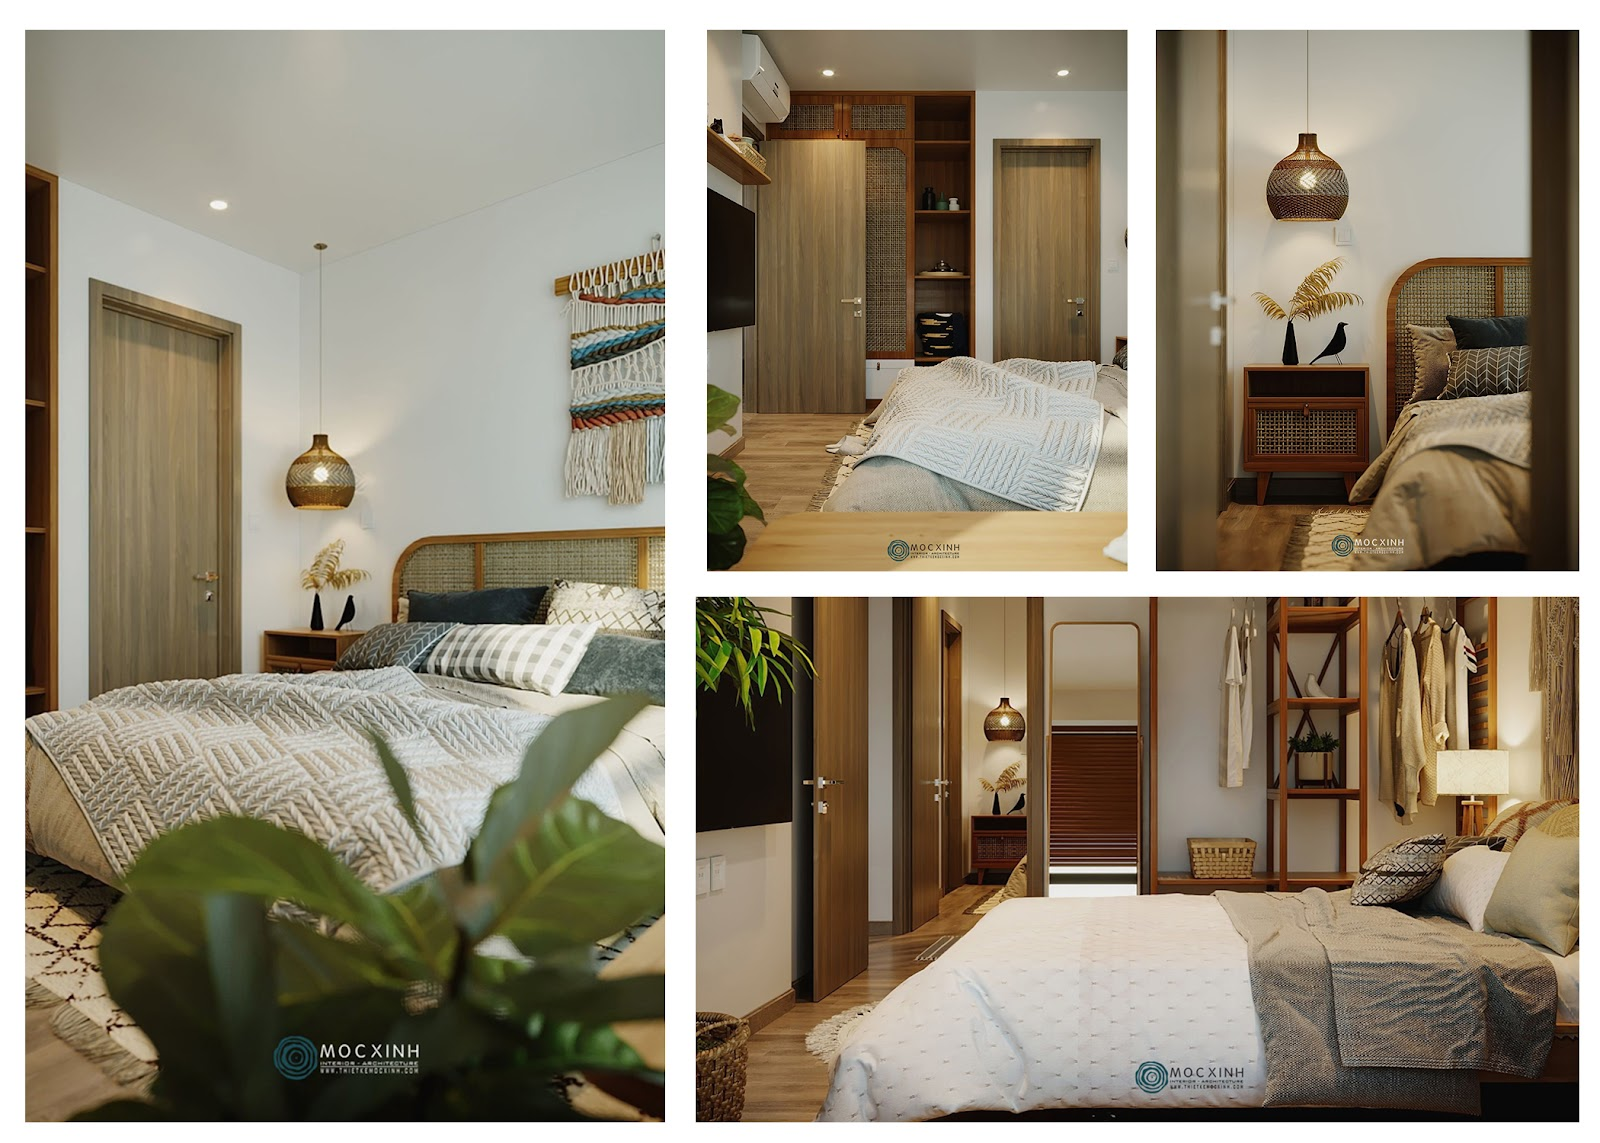 Thiết kế phòng ngủ homestay ấm áp, thư giãn